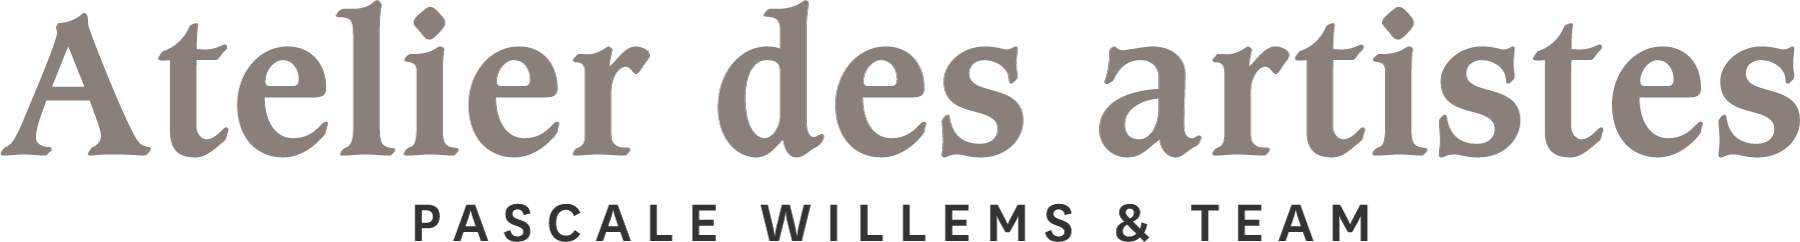 Atelier des artistes Logo